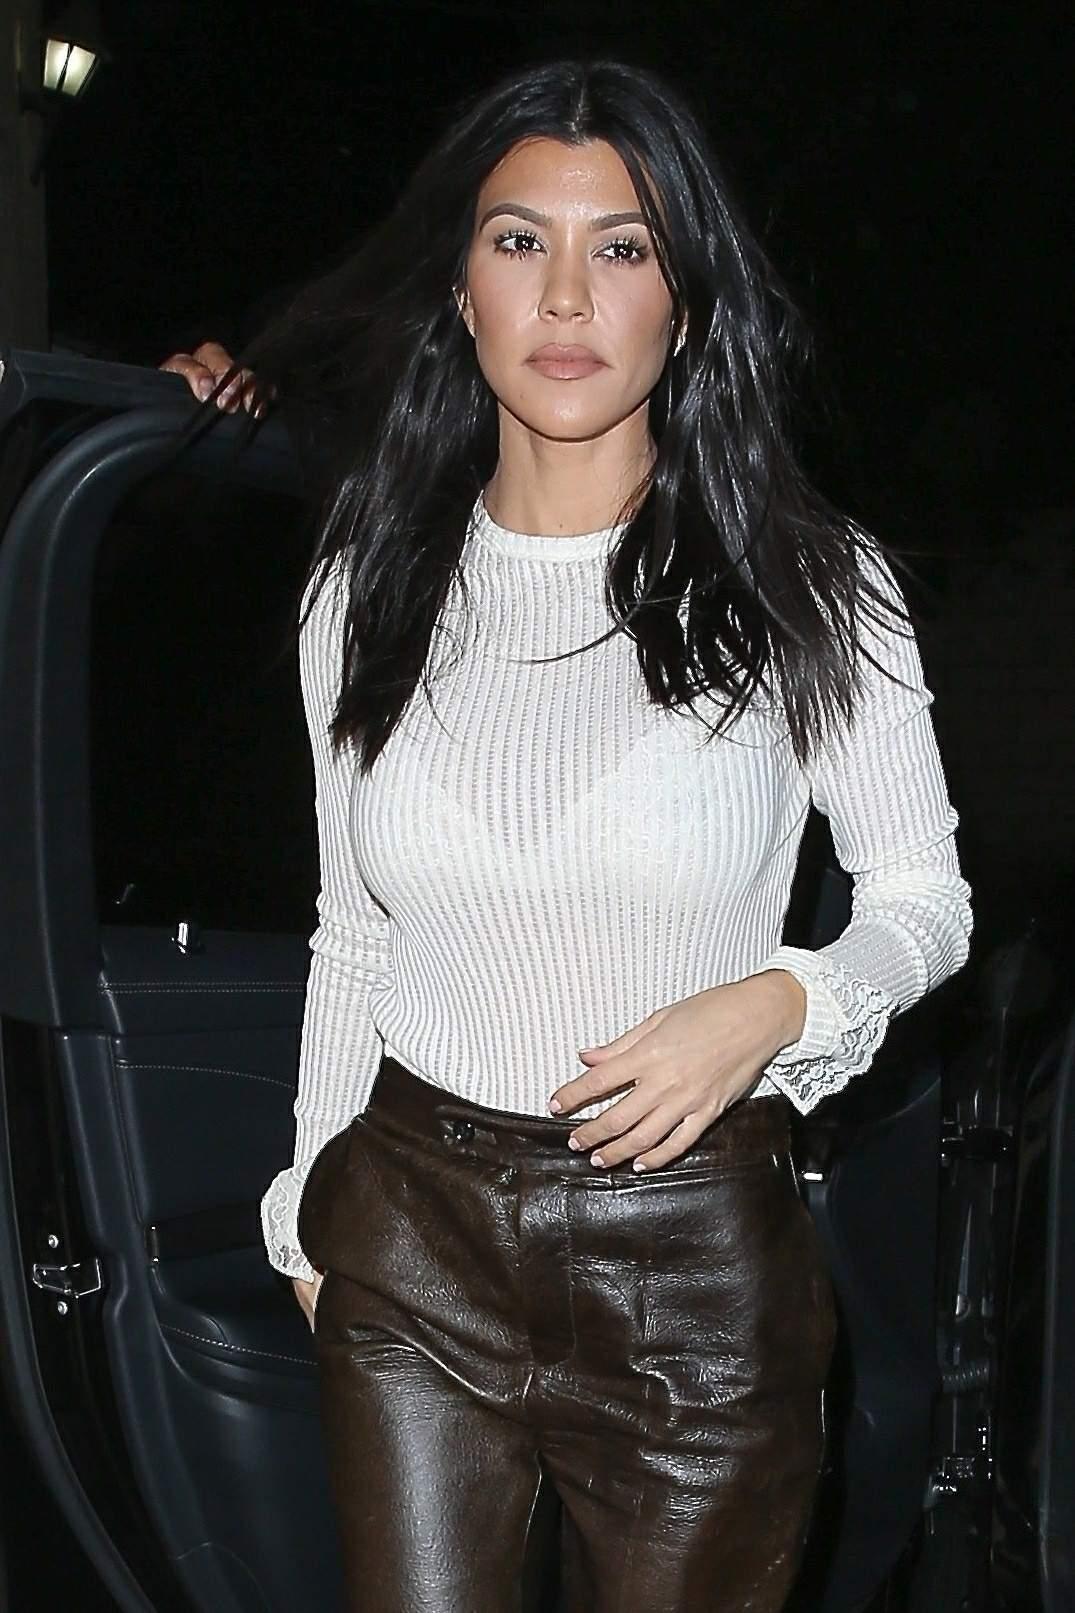 Kourtney Kardashian & Kendall Jenner out together for dinner